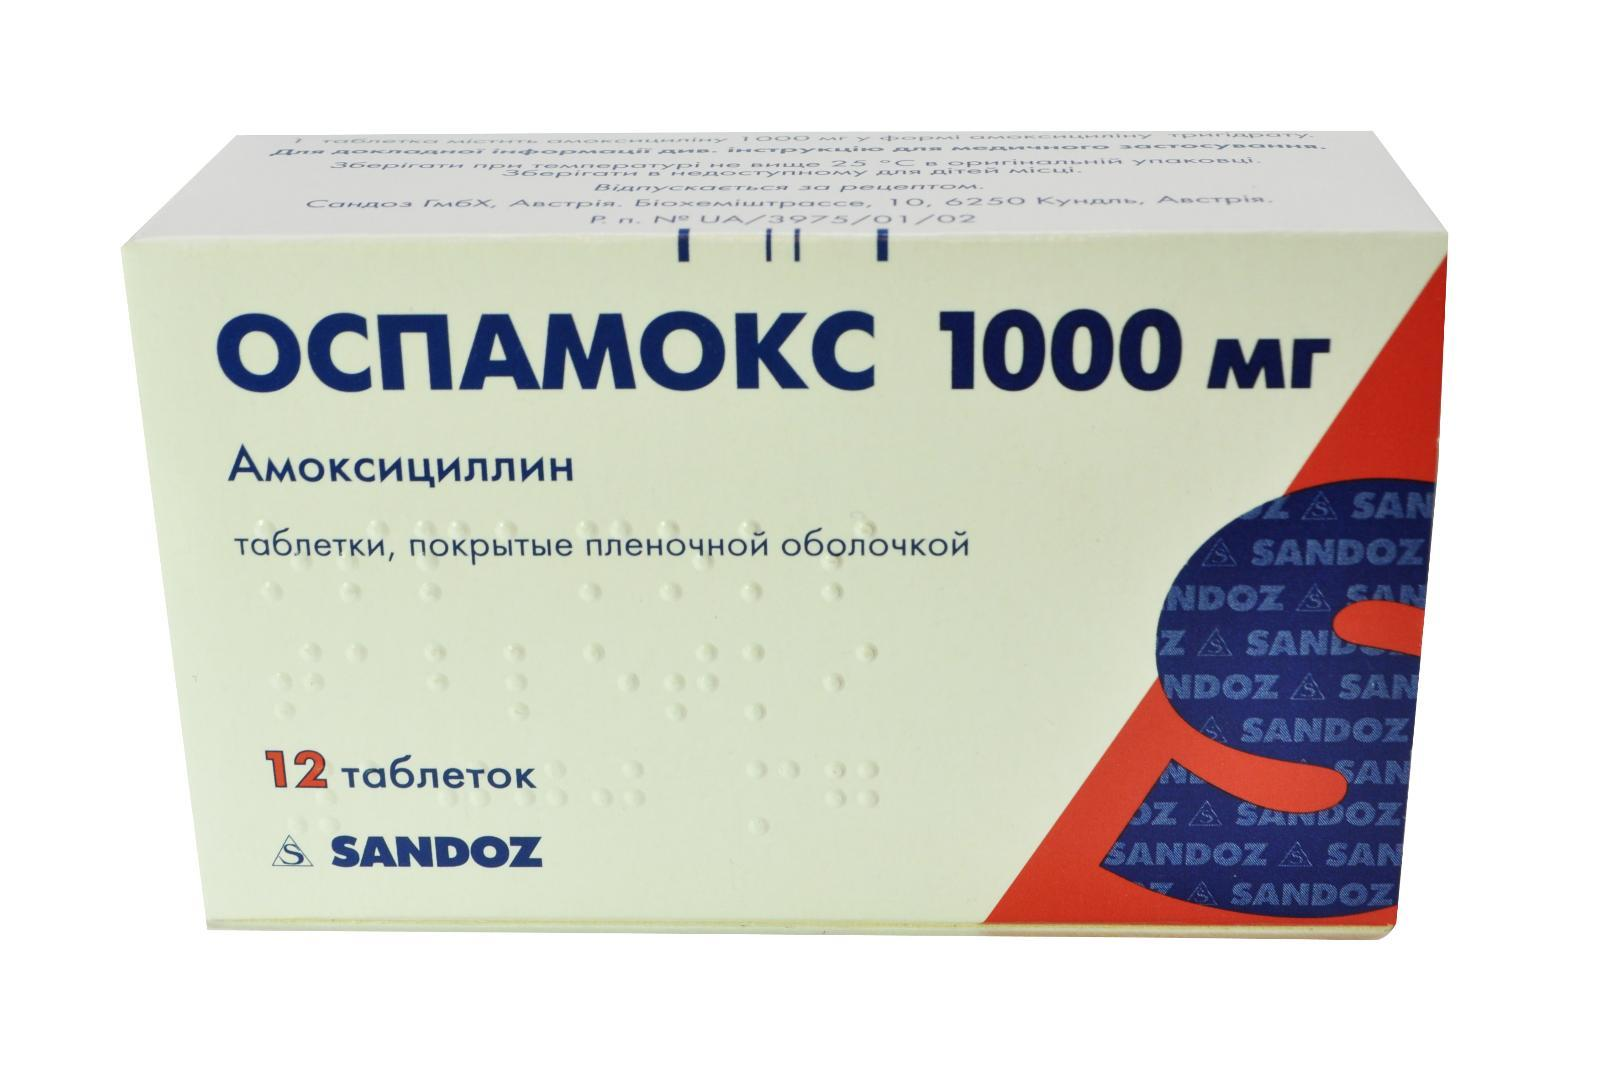 Как правильно использовать препарат амоксициллин 1000?